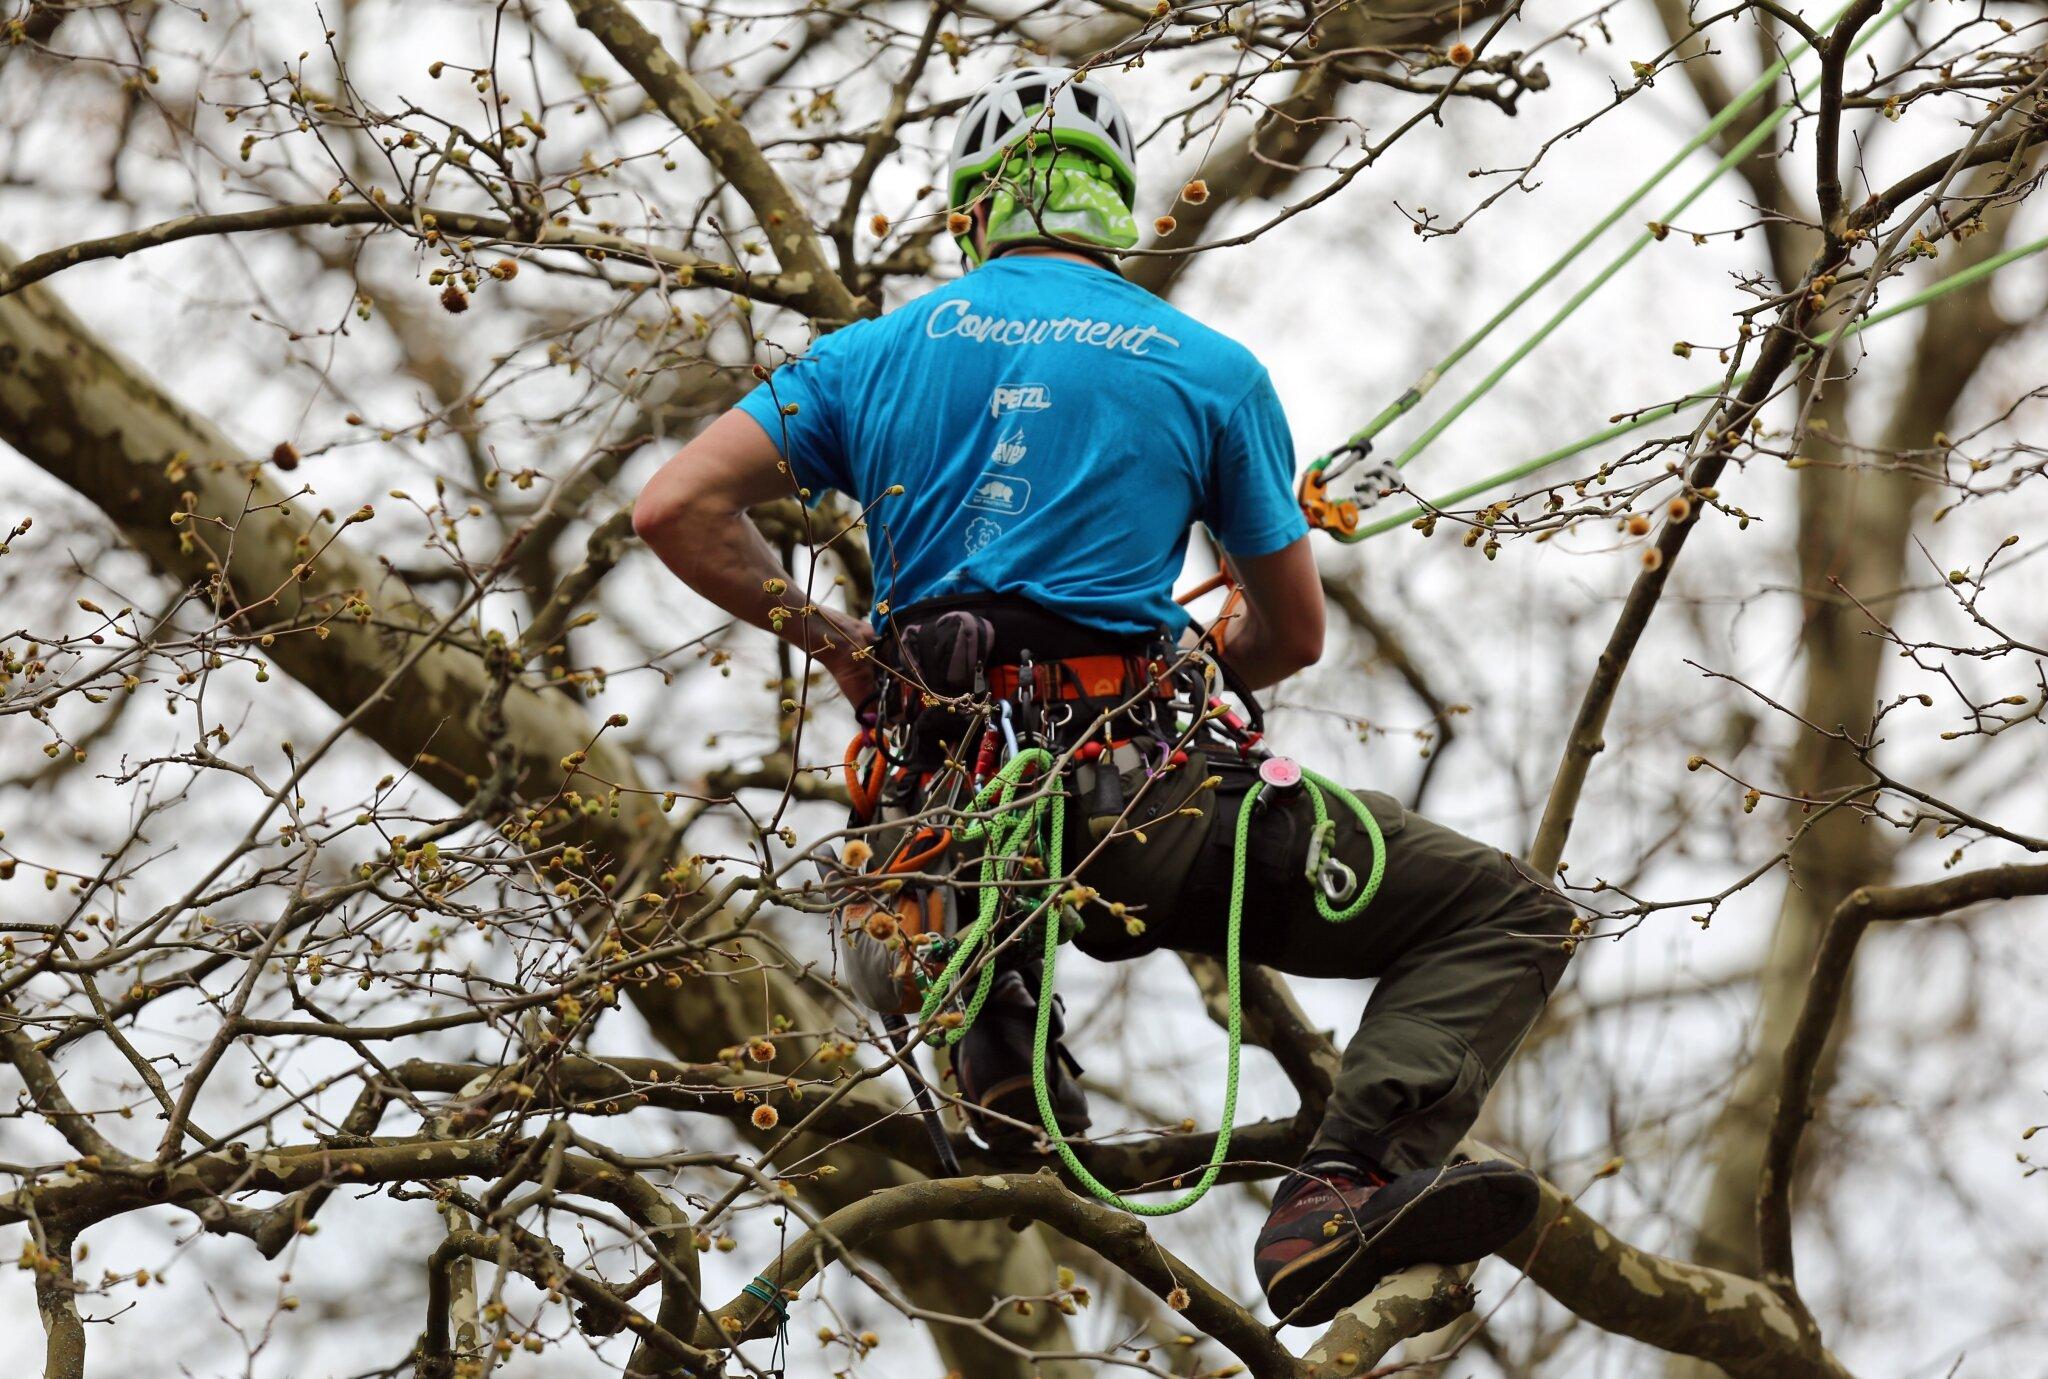 Rencontre regionale d'arboriculture 2016